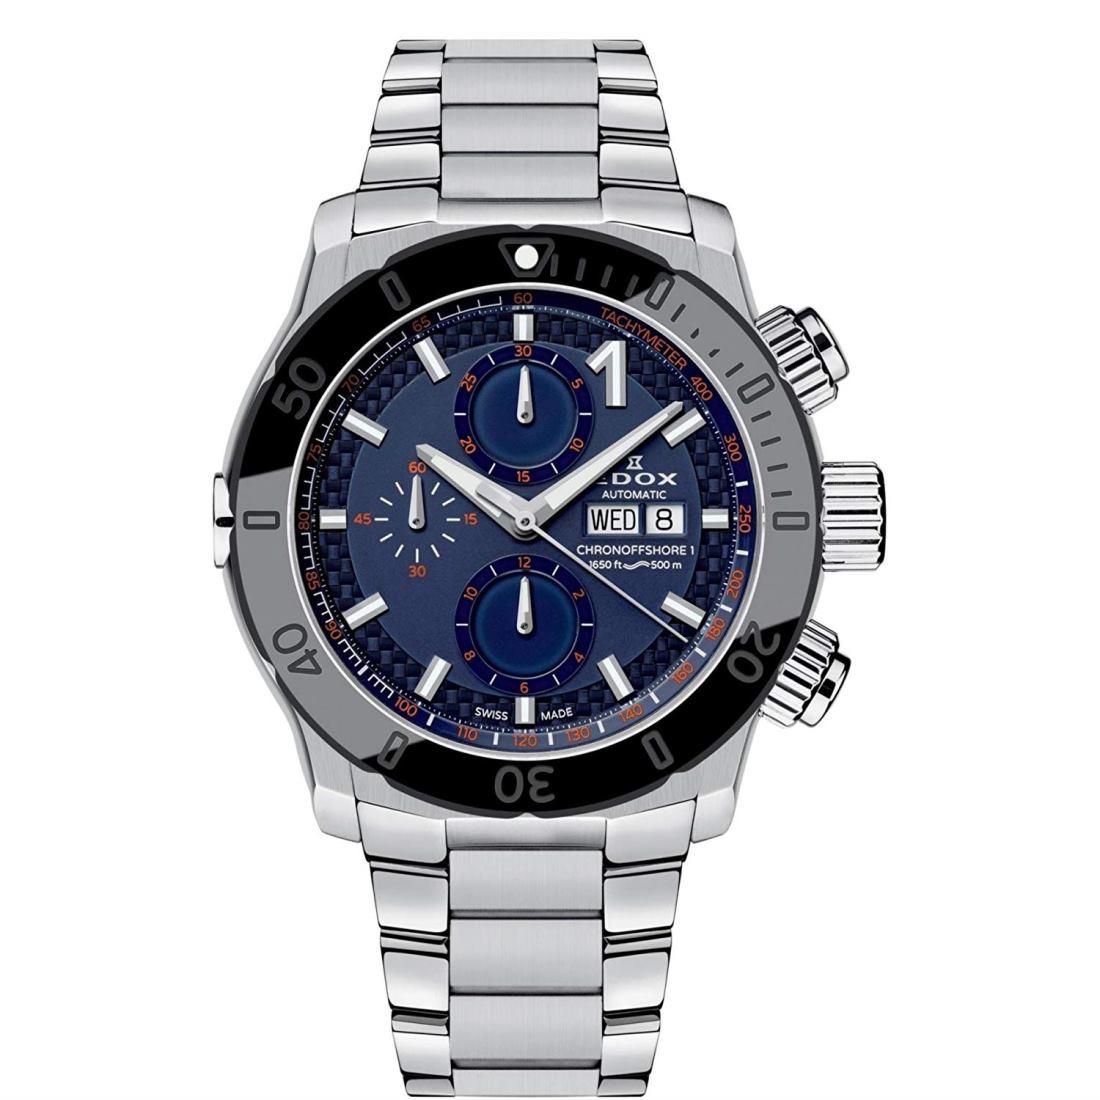 正規品 EDOX エドックス 01122-3NM-BUINO クロノオフショア1 クロノグラフ オートマチック 腕時計